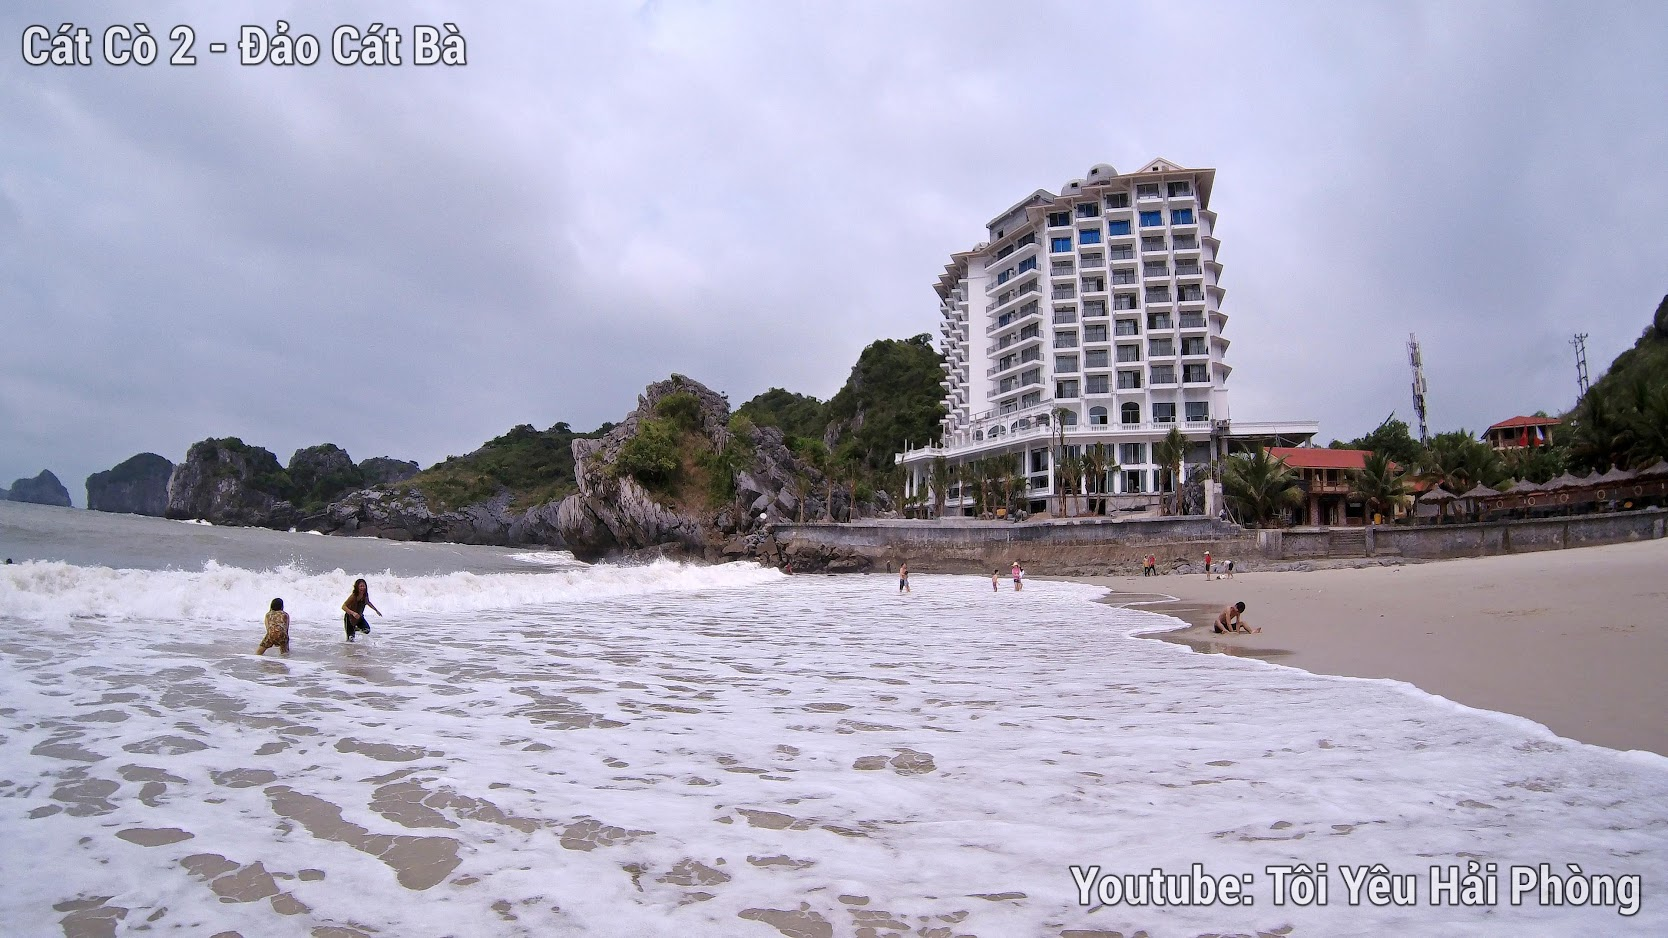 bãi tắm cát cò 2 ở Cát Bà Hải Phòng 2019 2